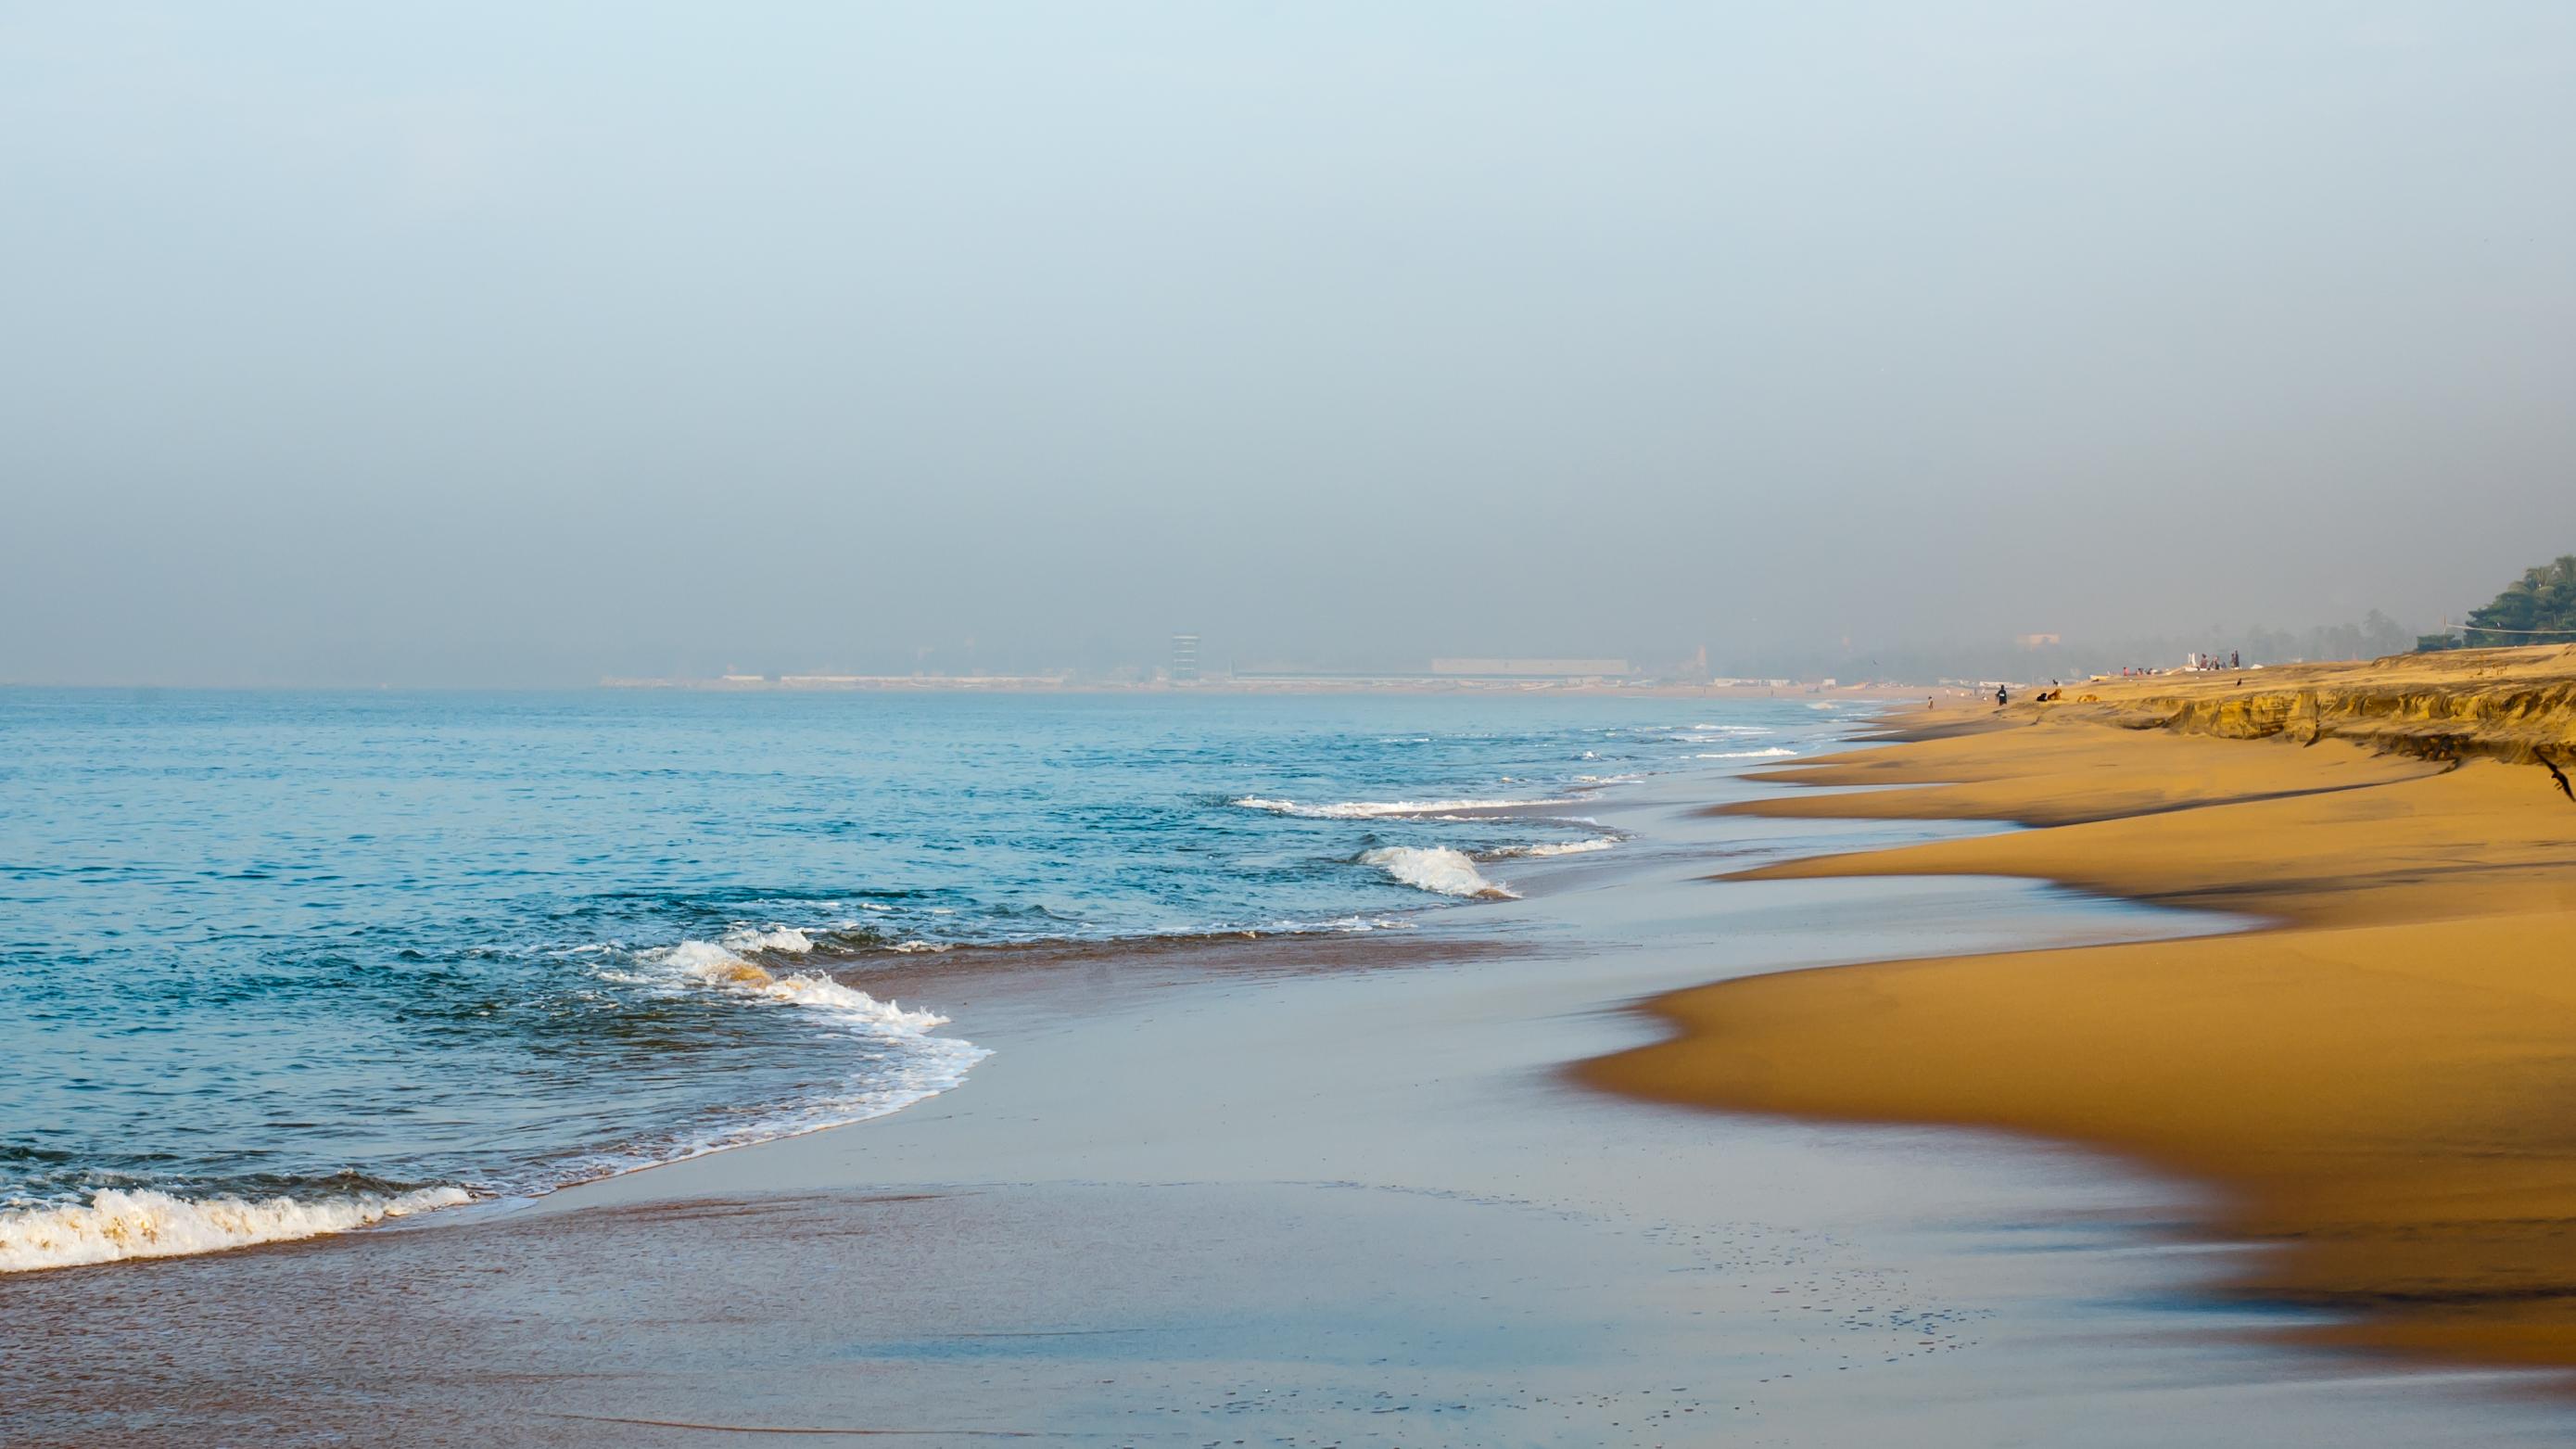 Mahatma Gandhi Beach & Park